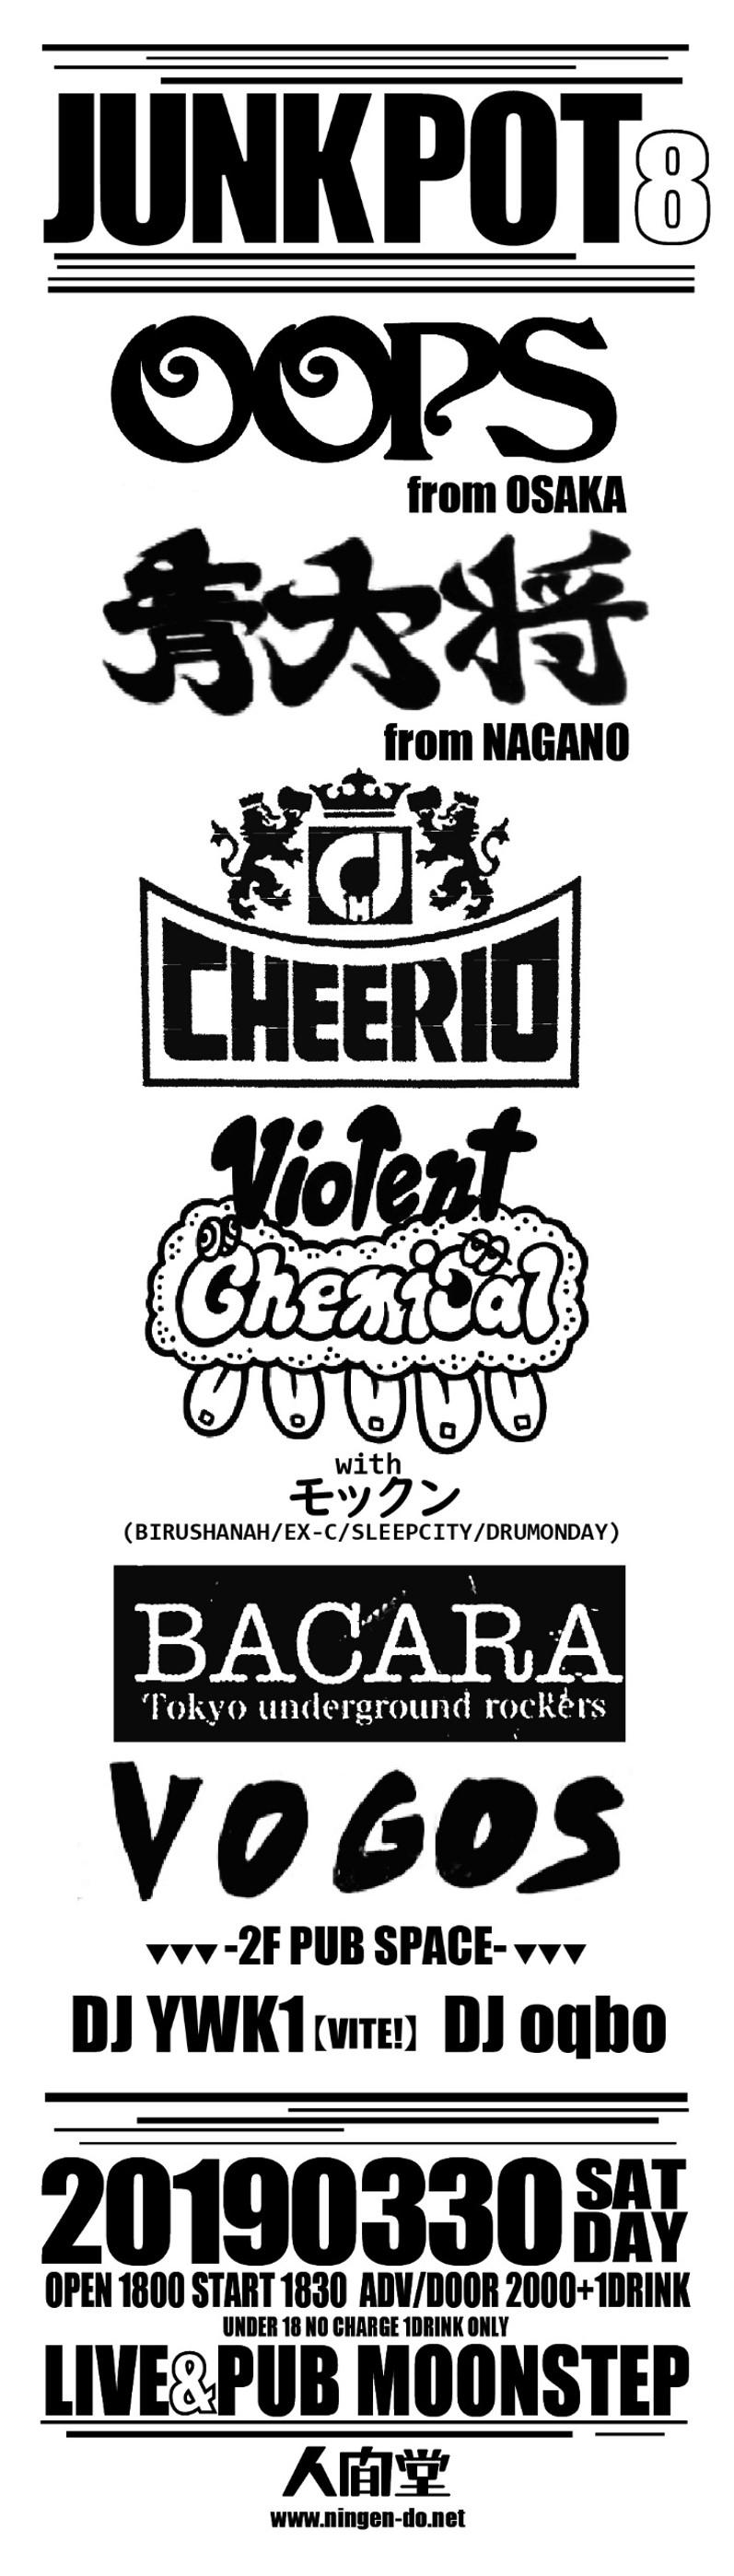 2019年3月30日 (土) at 東京・中野・LIVE&PUB MOONSTEP フライヤー画像